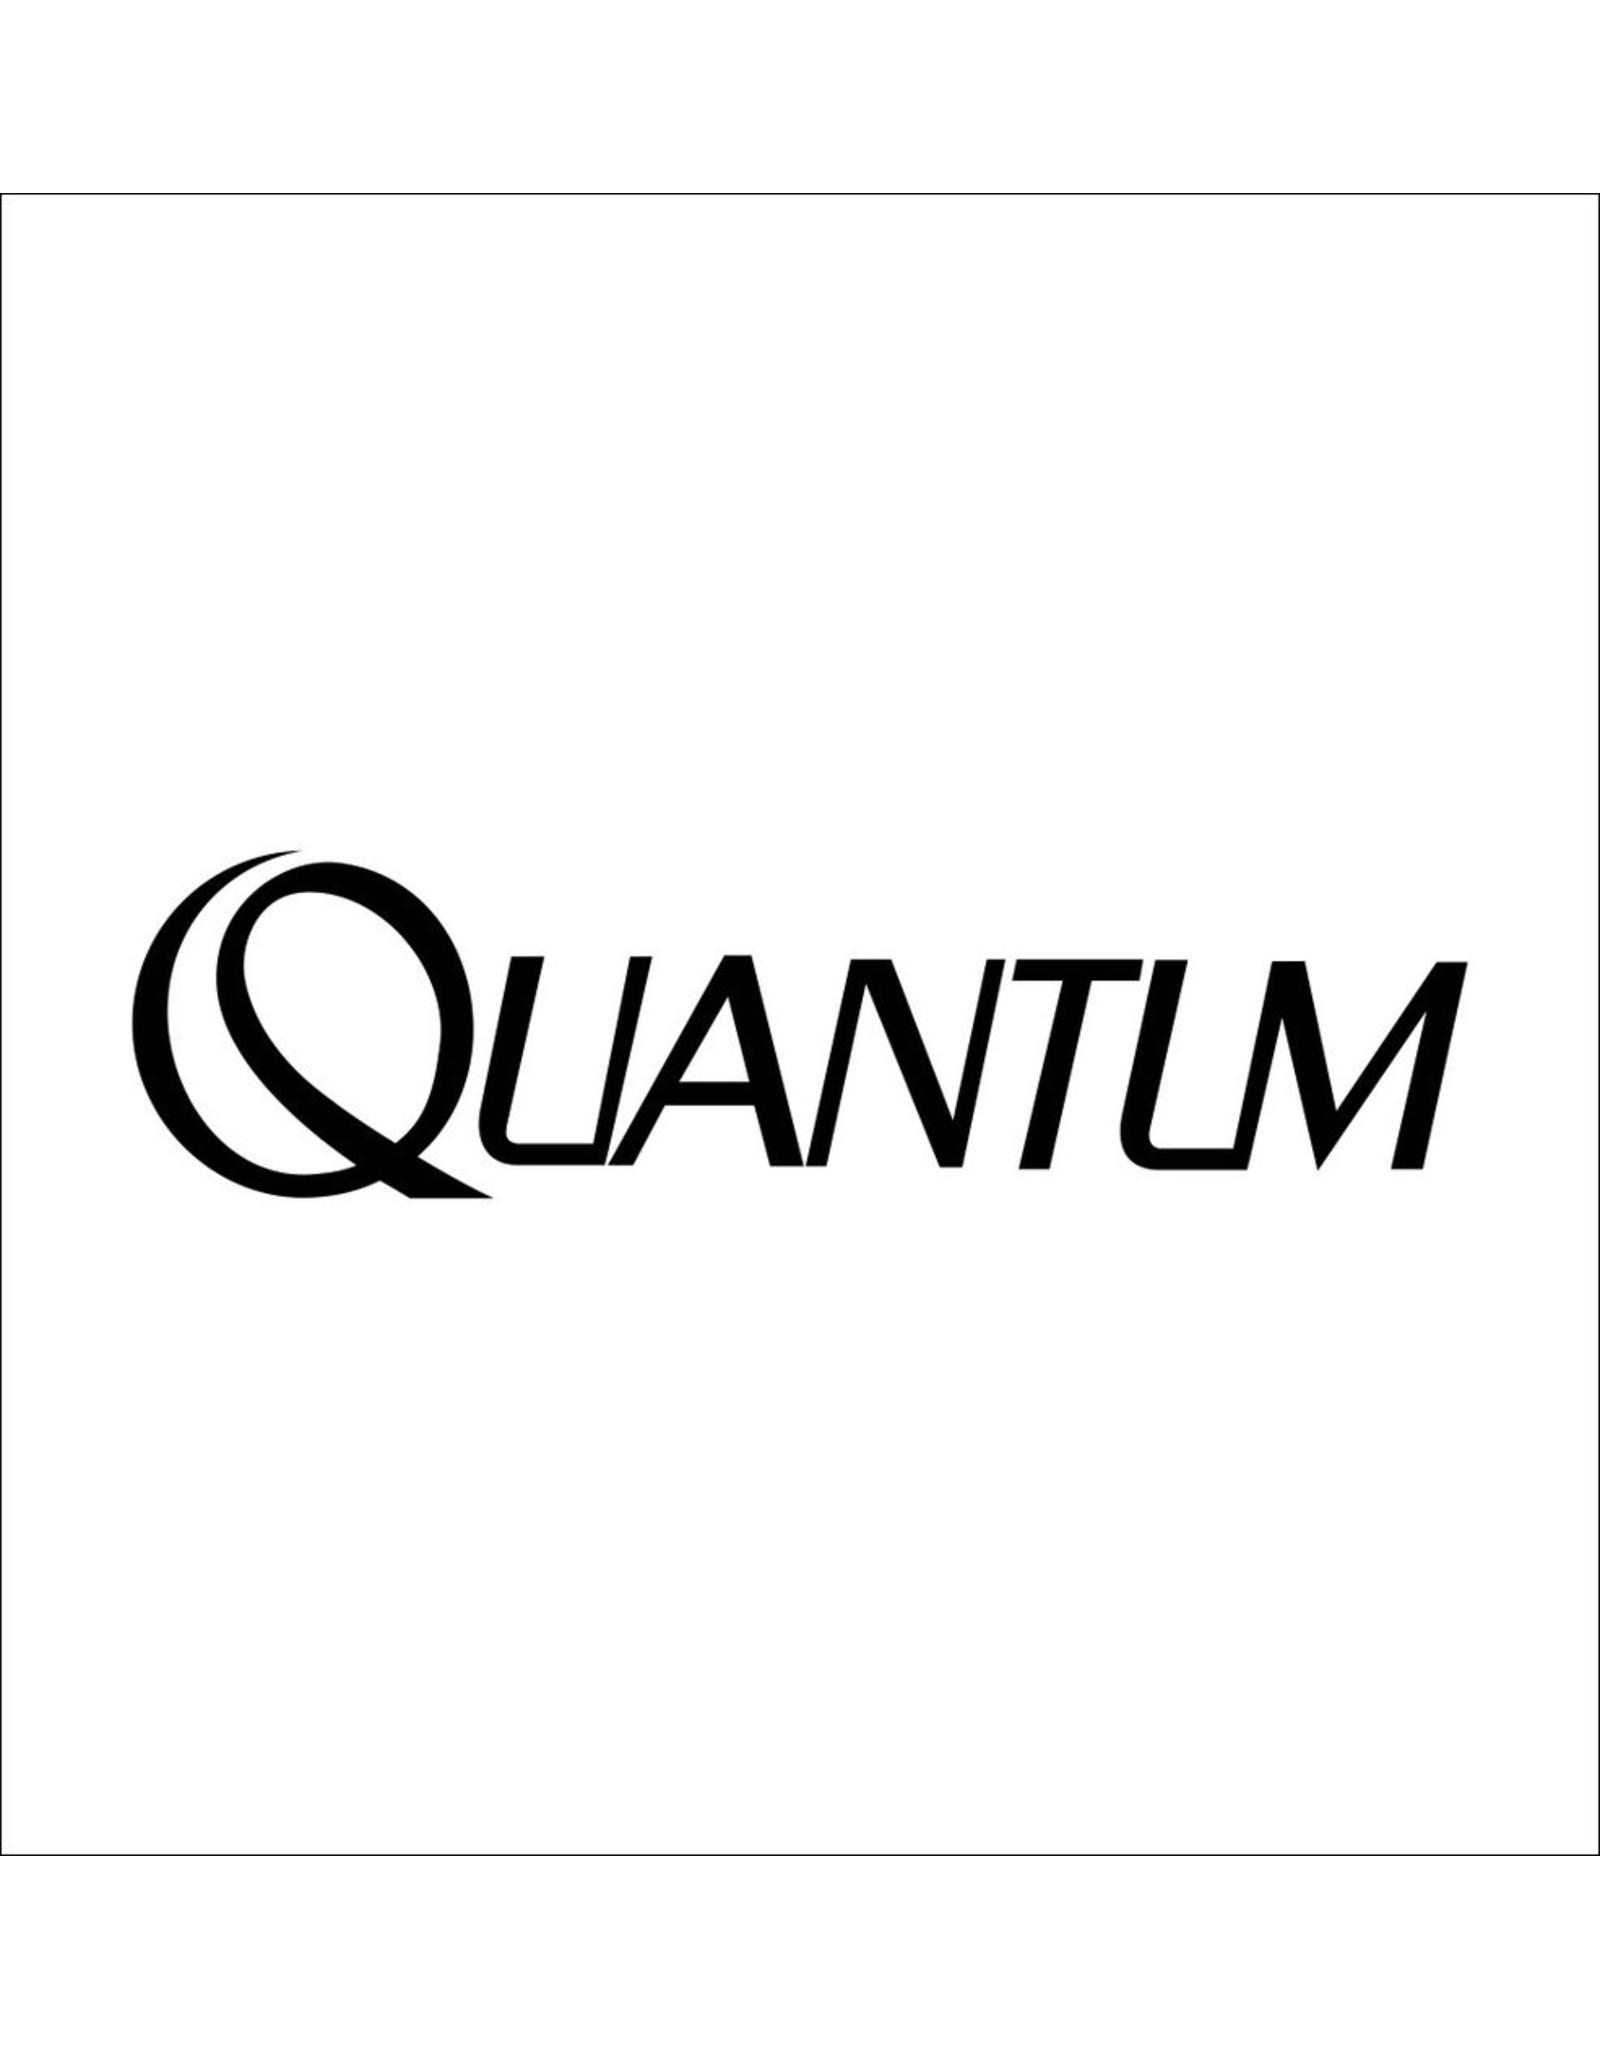 Quantum BODY REAR CAP